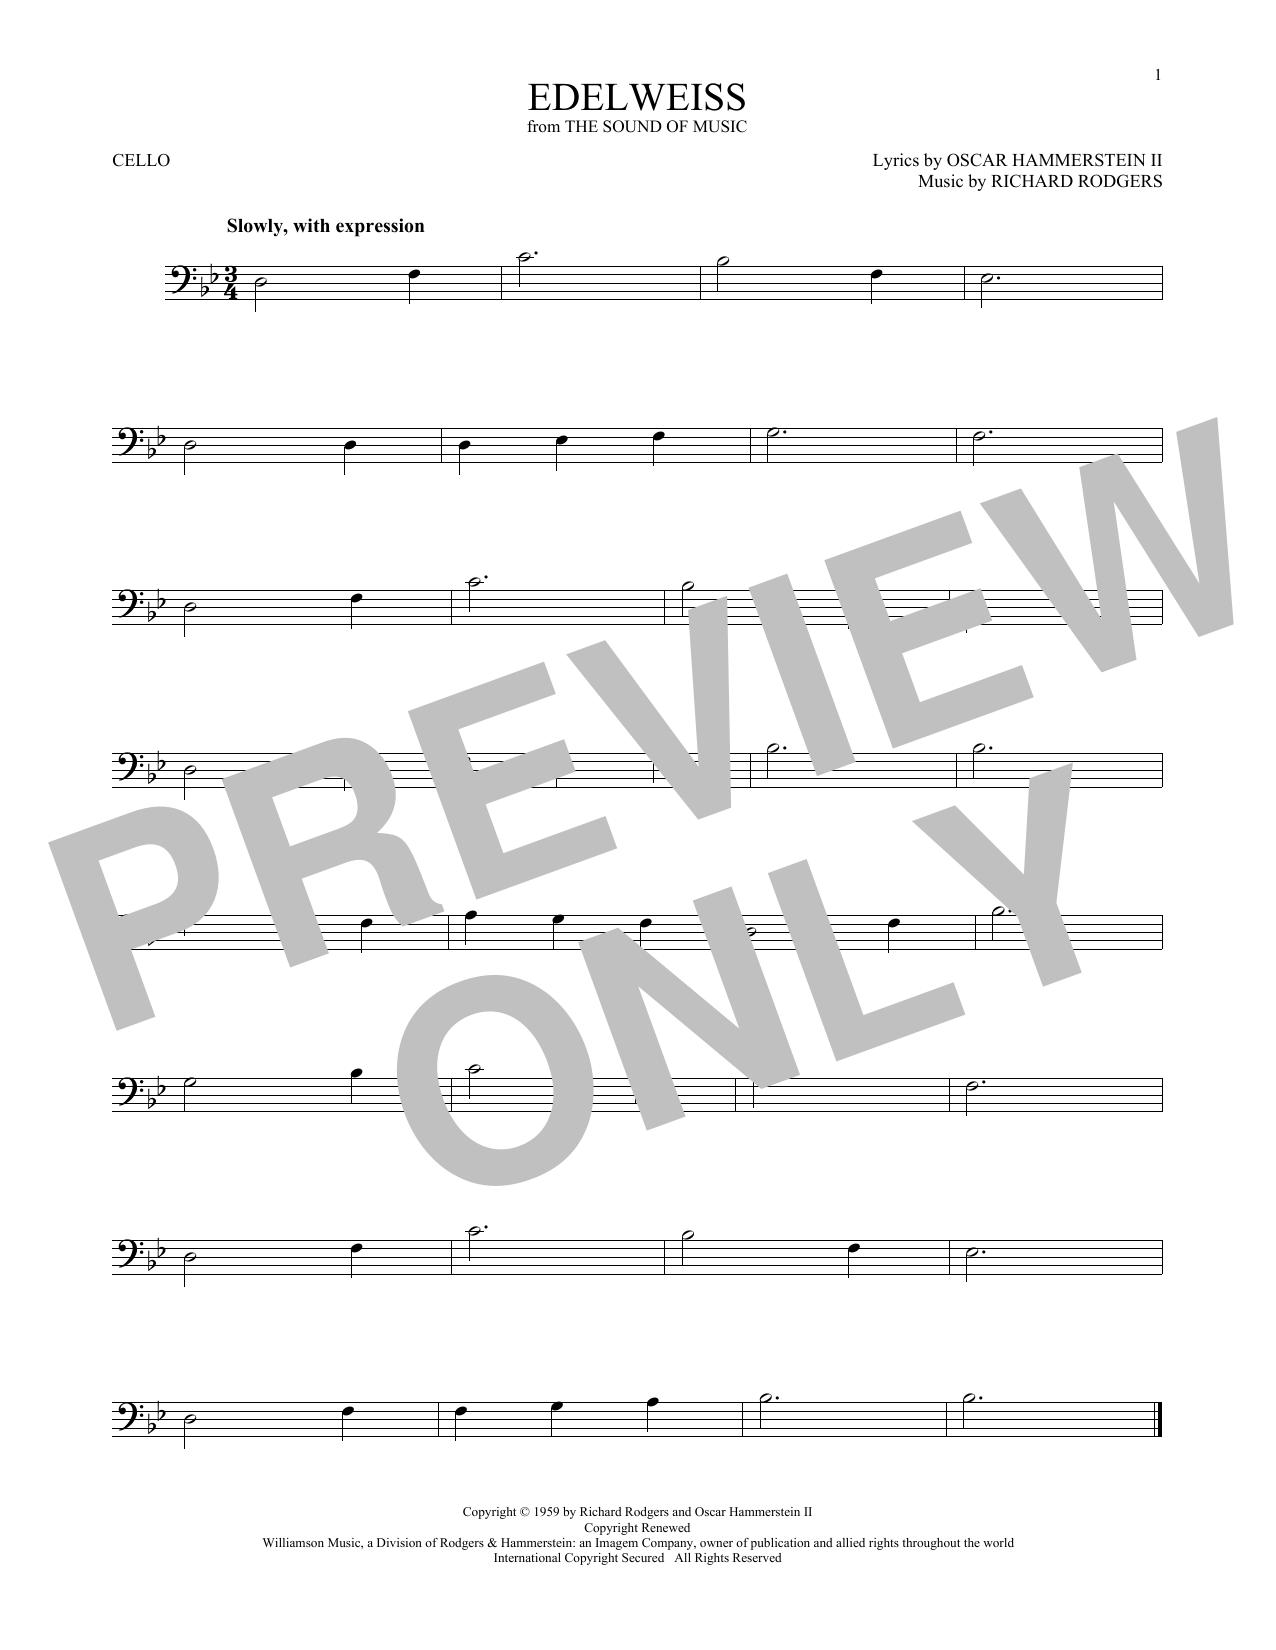 Edelweiss (Cello Solo)